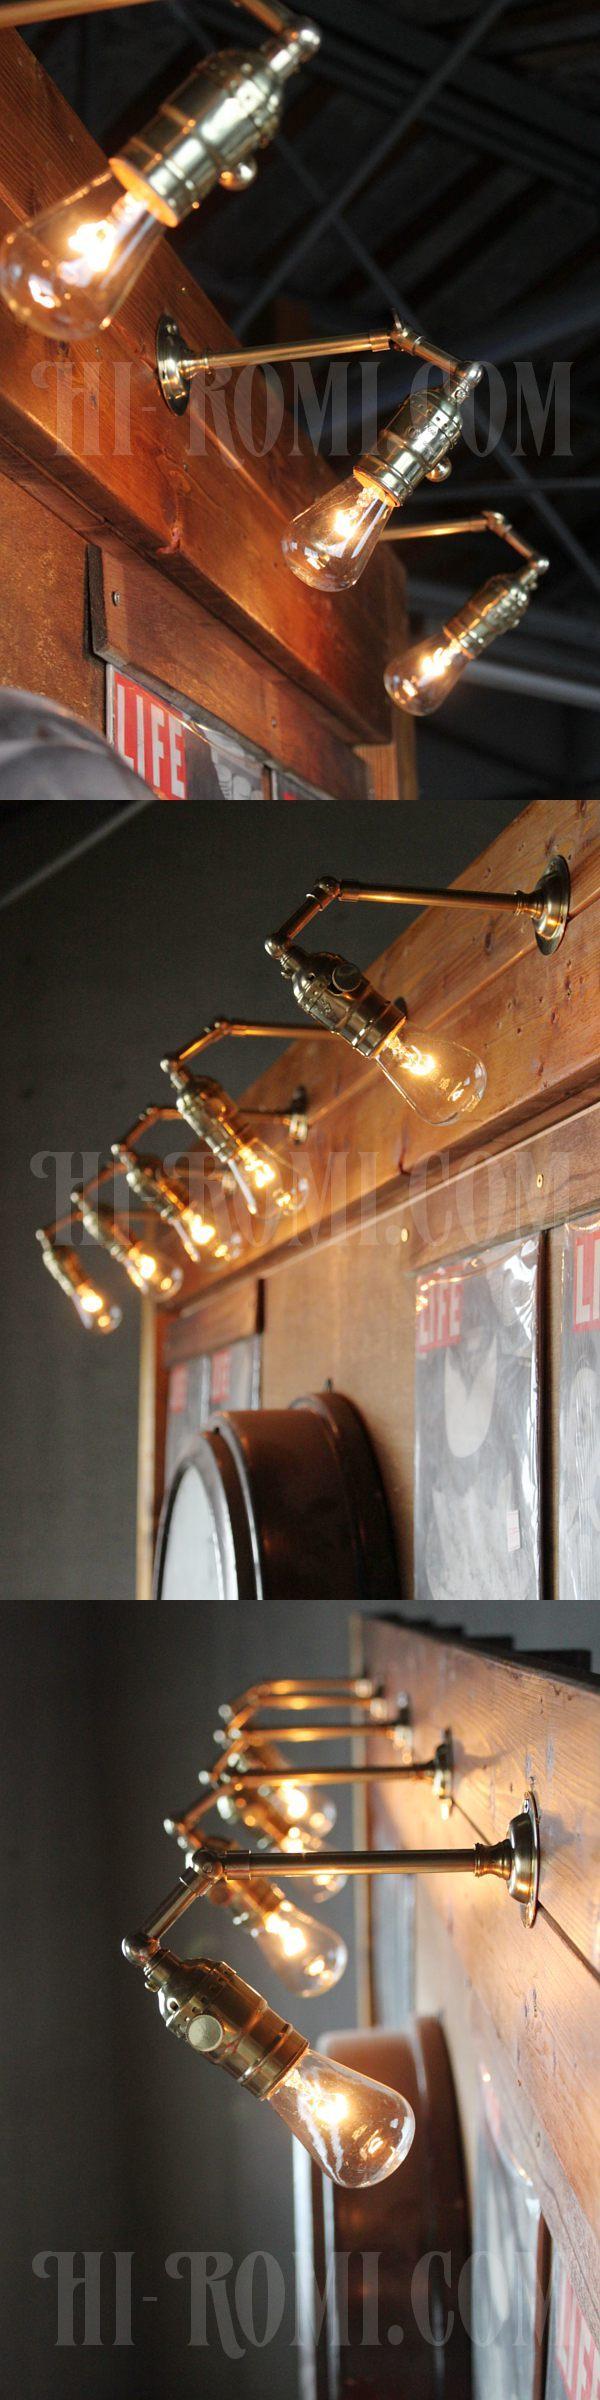 ヴィンテージ工業系ADL角度調整付き真鍮ブラケット/アンティーク照明インダストリアルウォールランプ